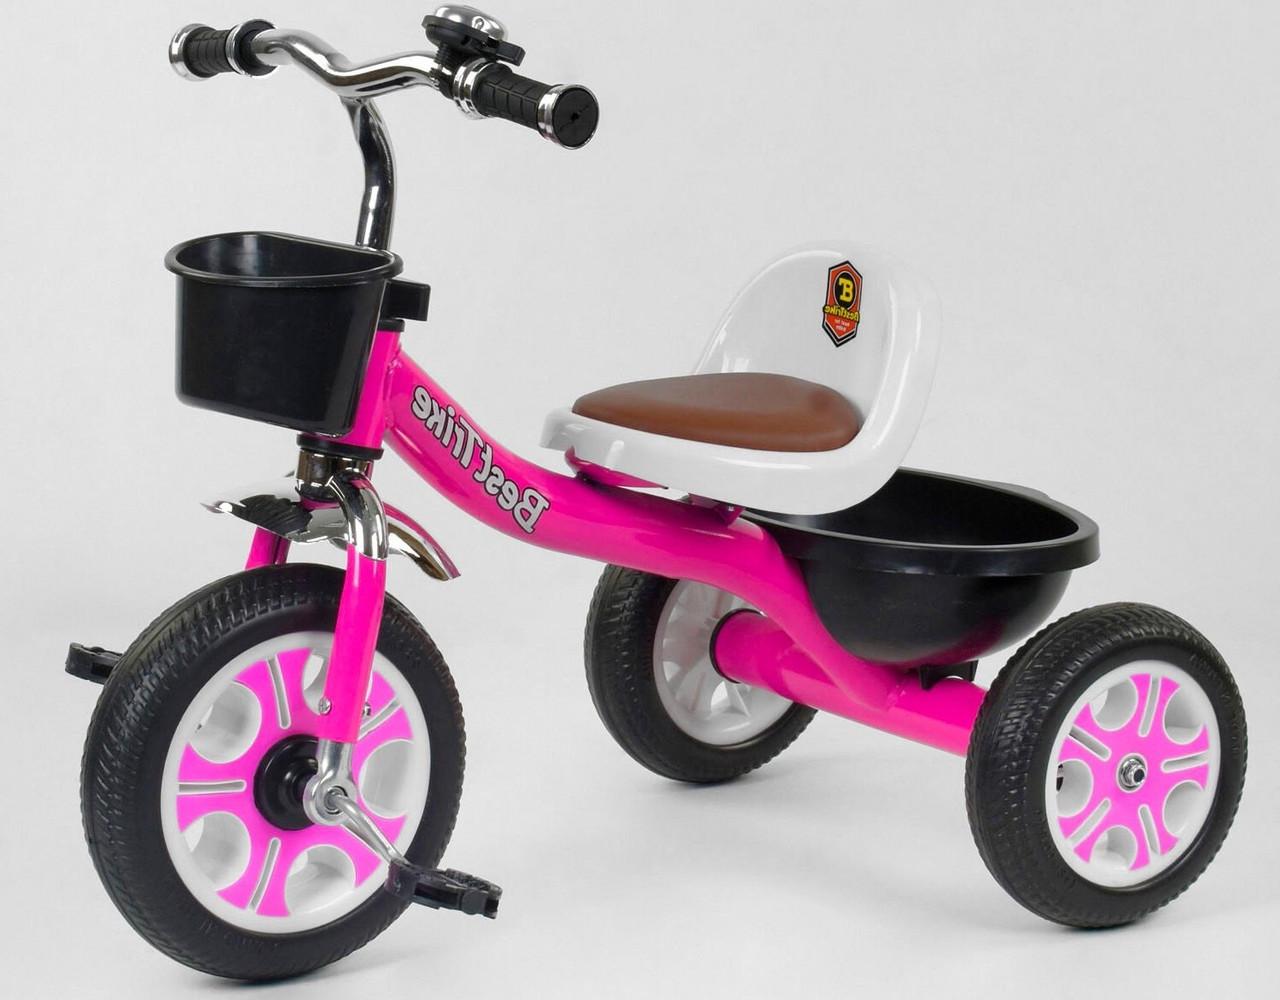 Дитячий триколісний велосипед, Eva колеса, дзвіночок, 2 кошика, металева рама, Best Trike LM-2806